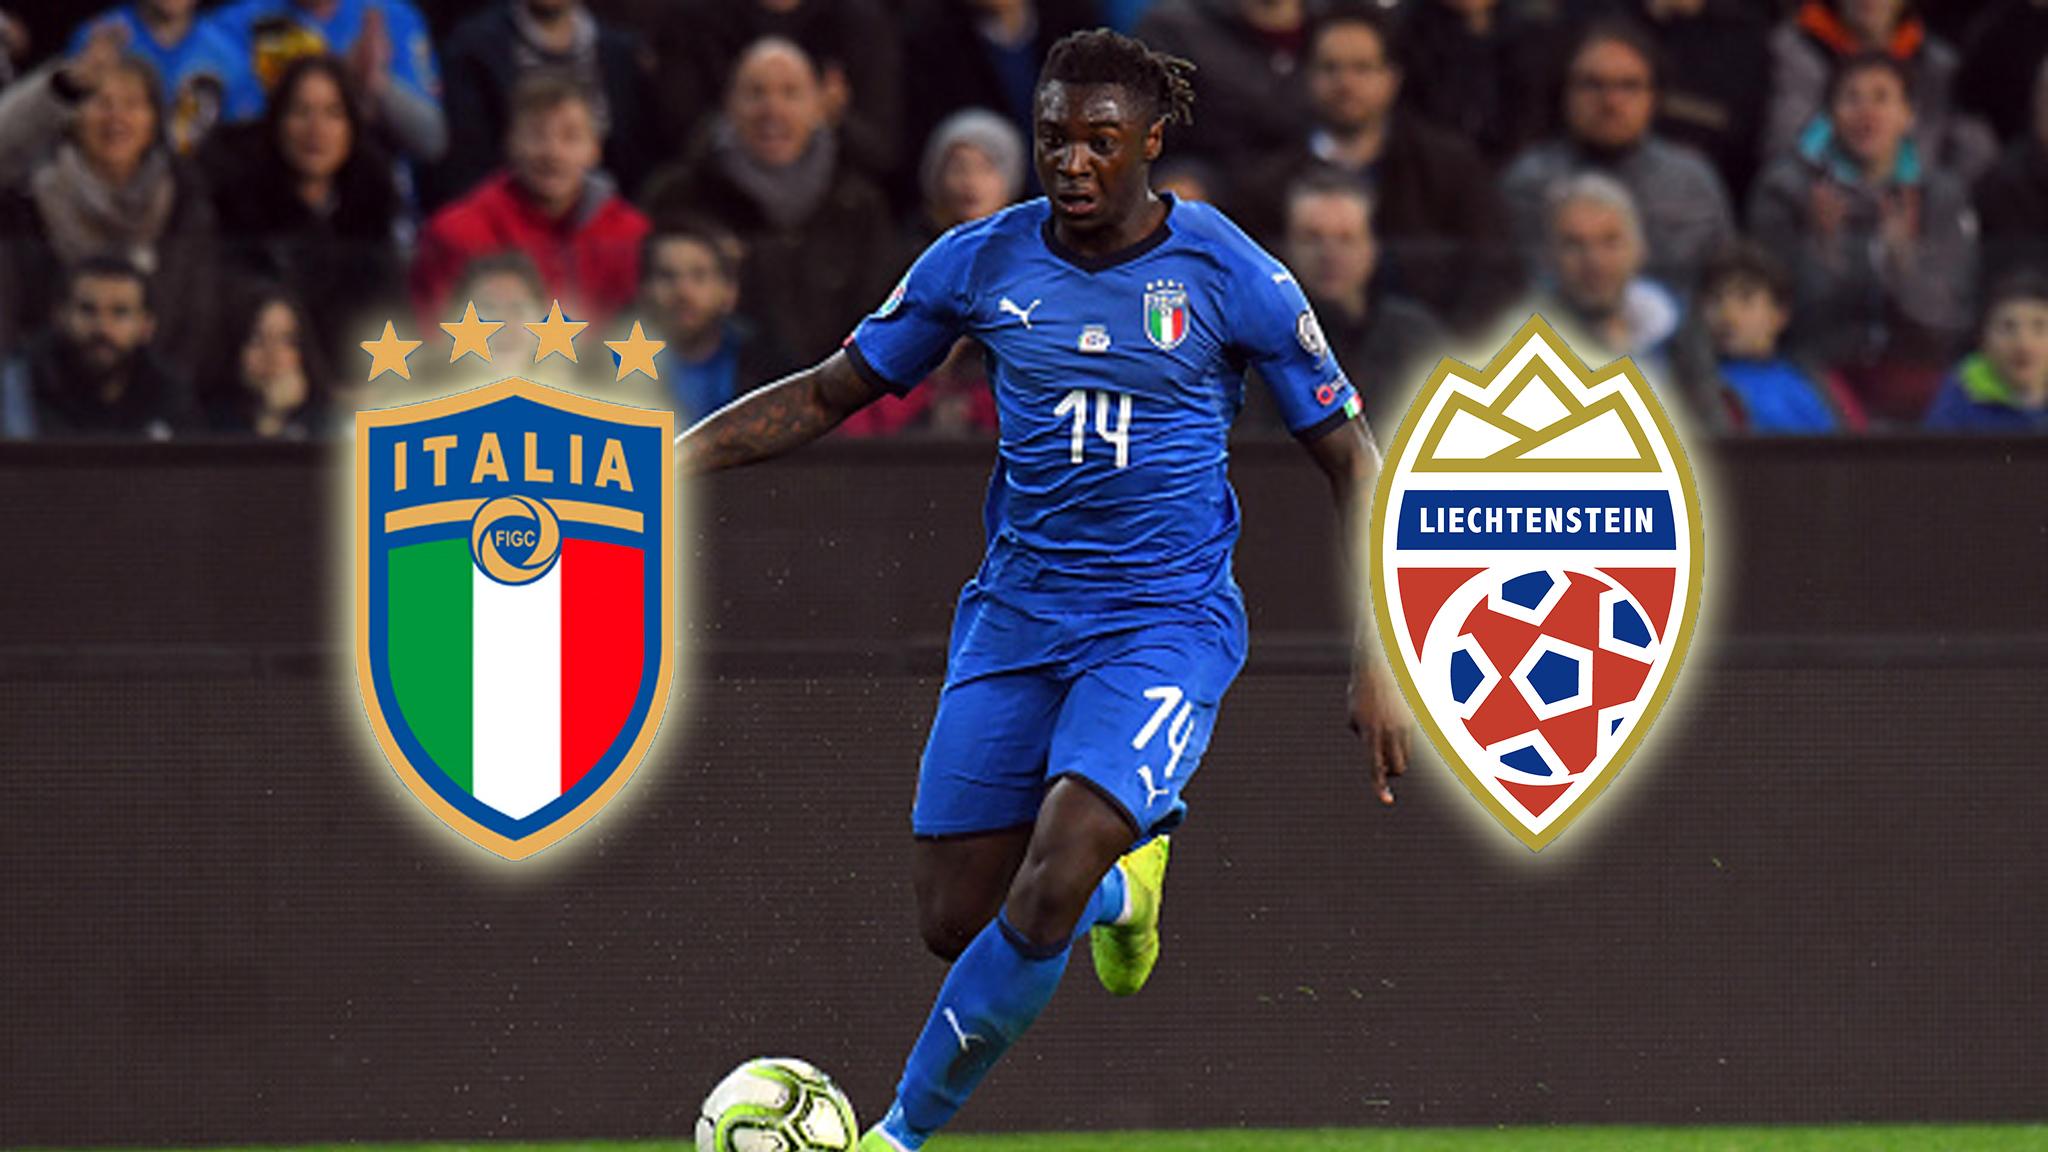 Italien Vs Liechtenstein Heute Live Im Tv Und Live Stream